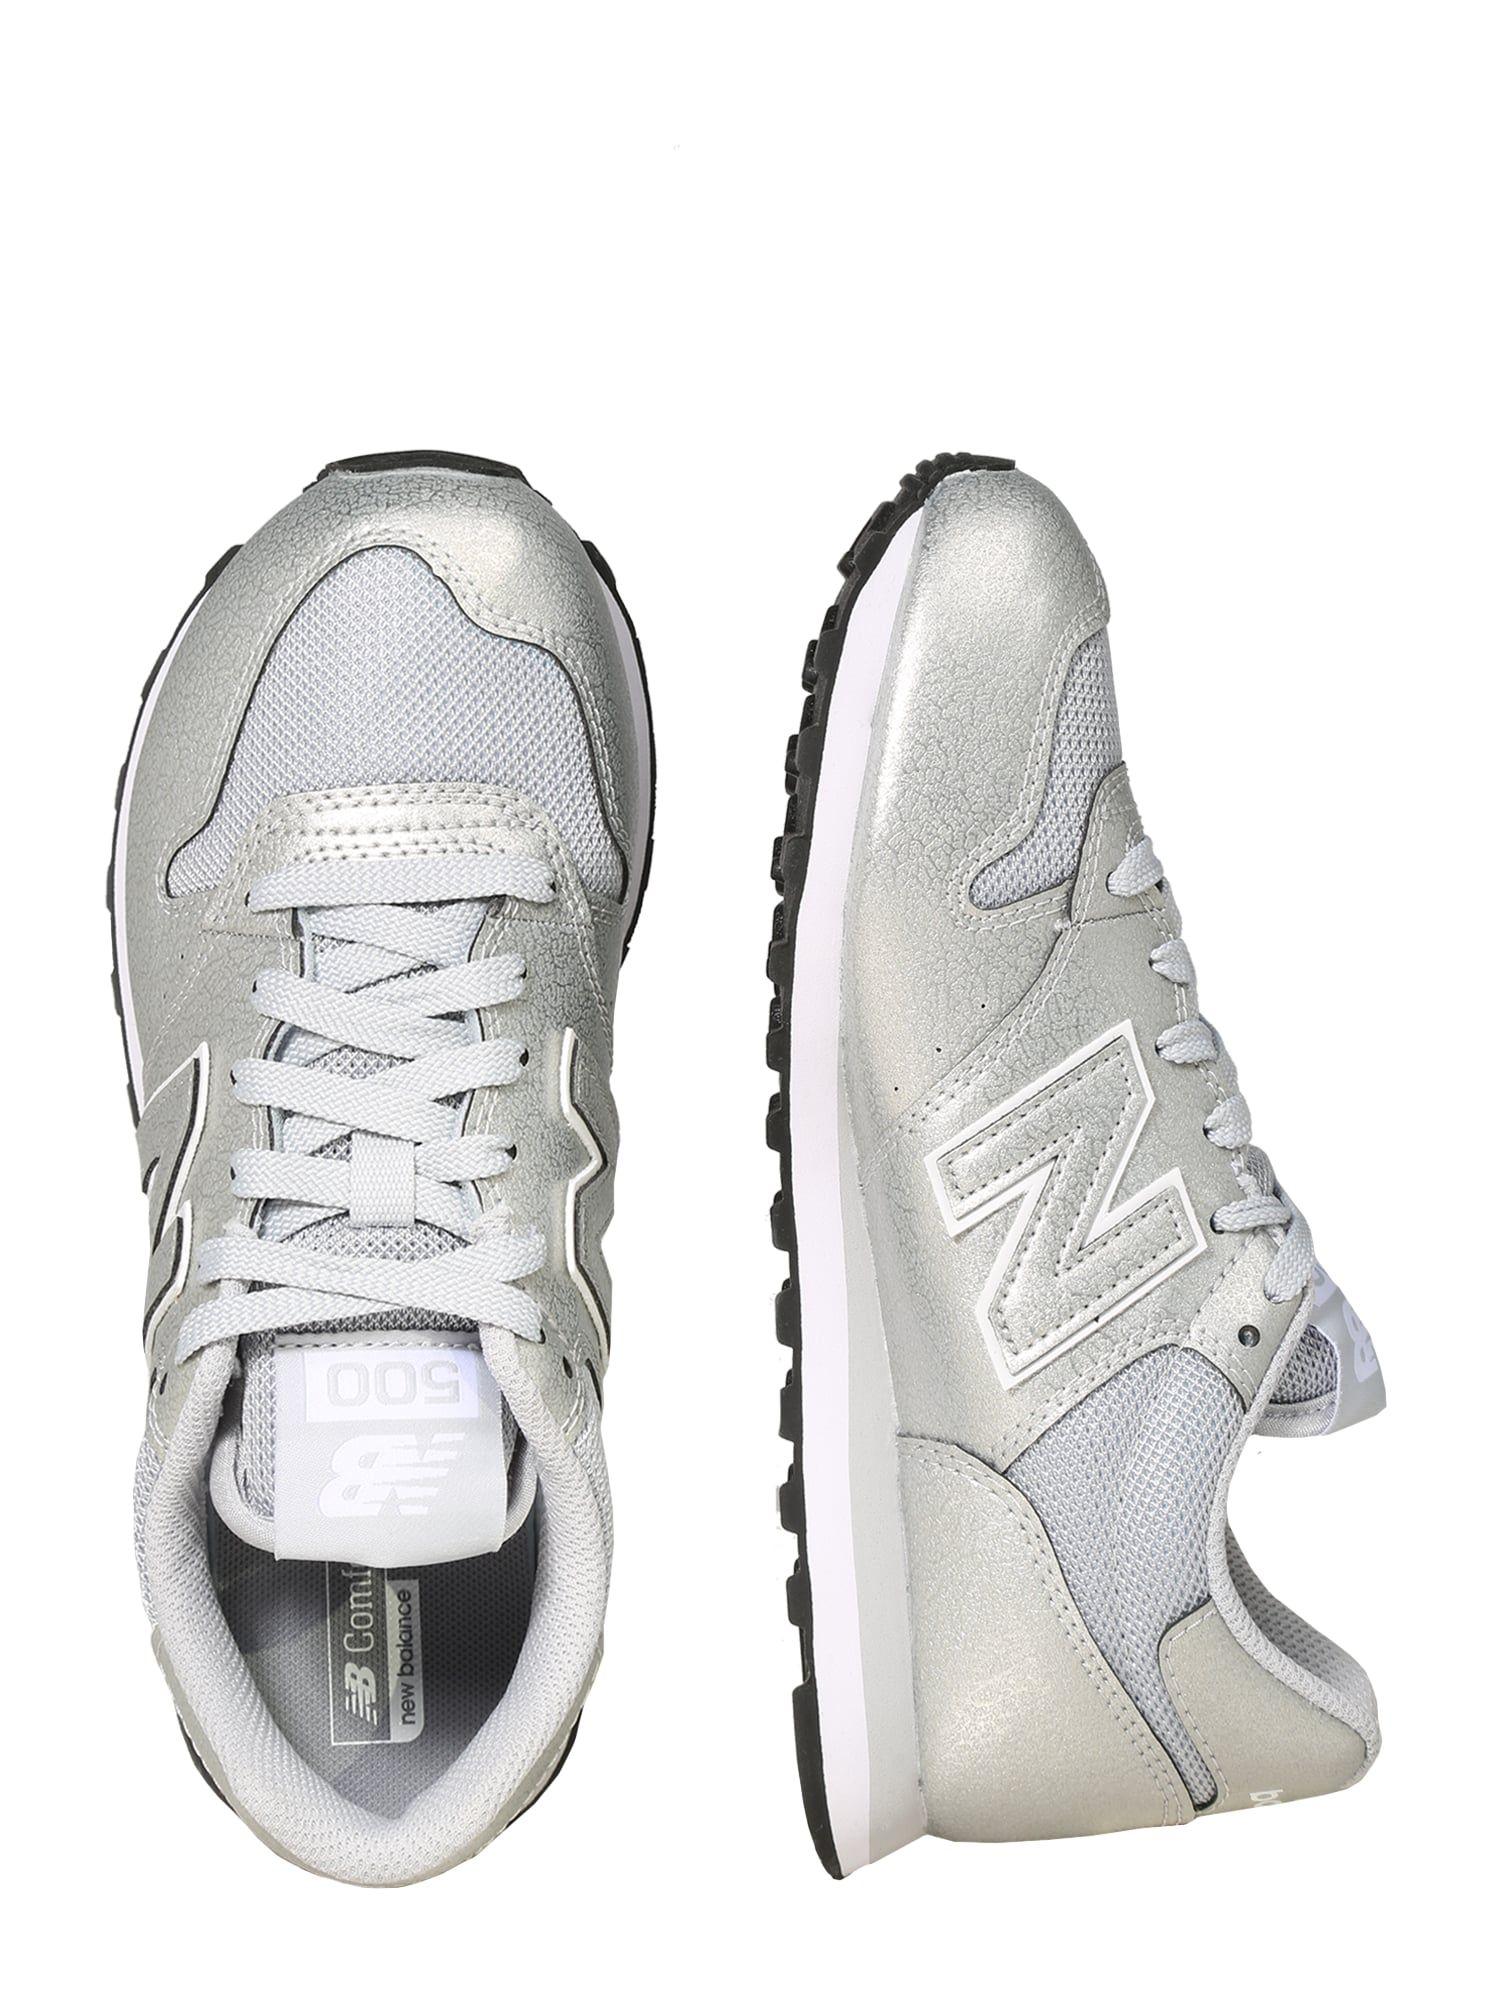 New Balance Sneaker Damen, Silber, Größe 41.5/42 | New ...